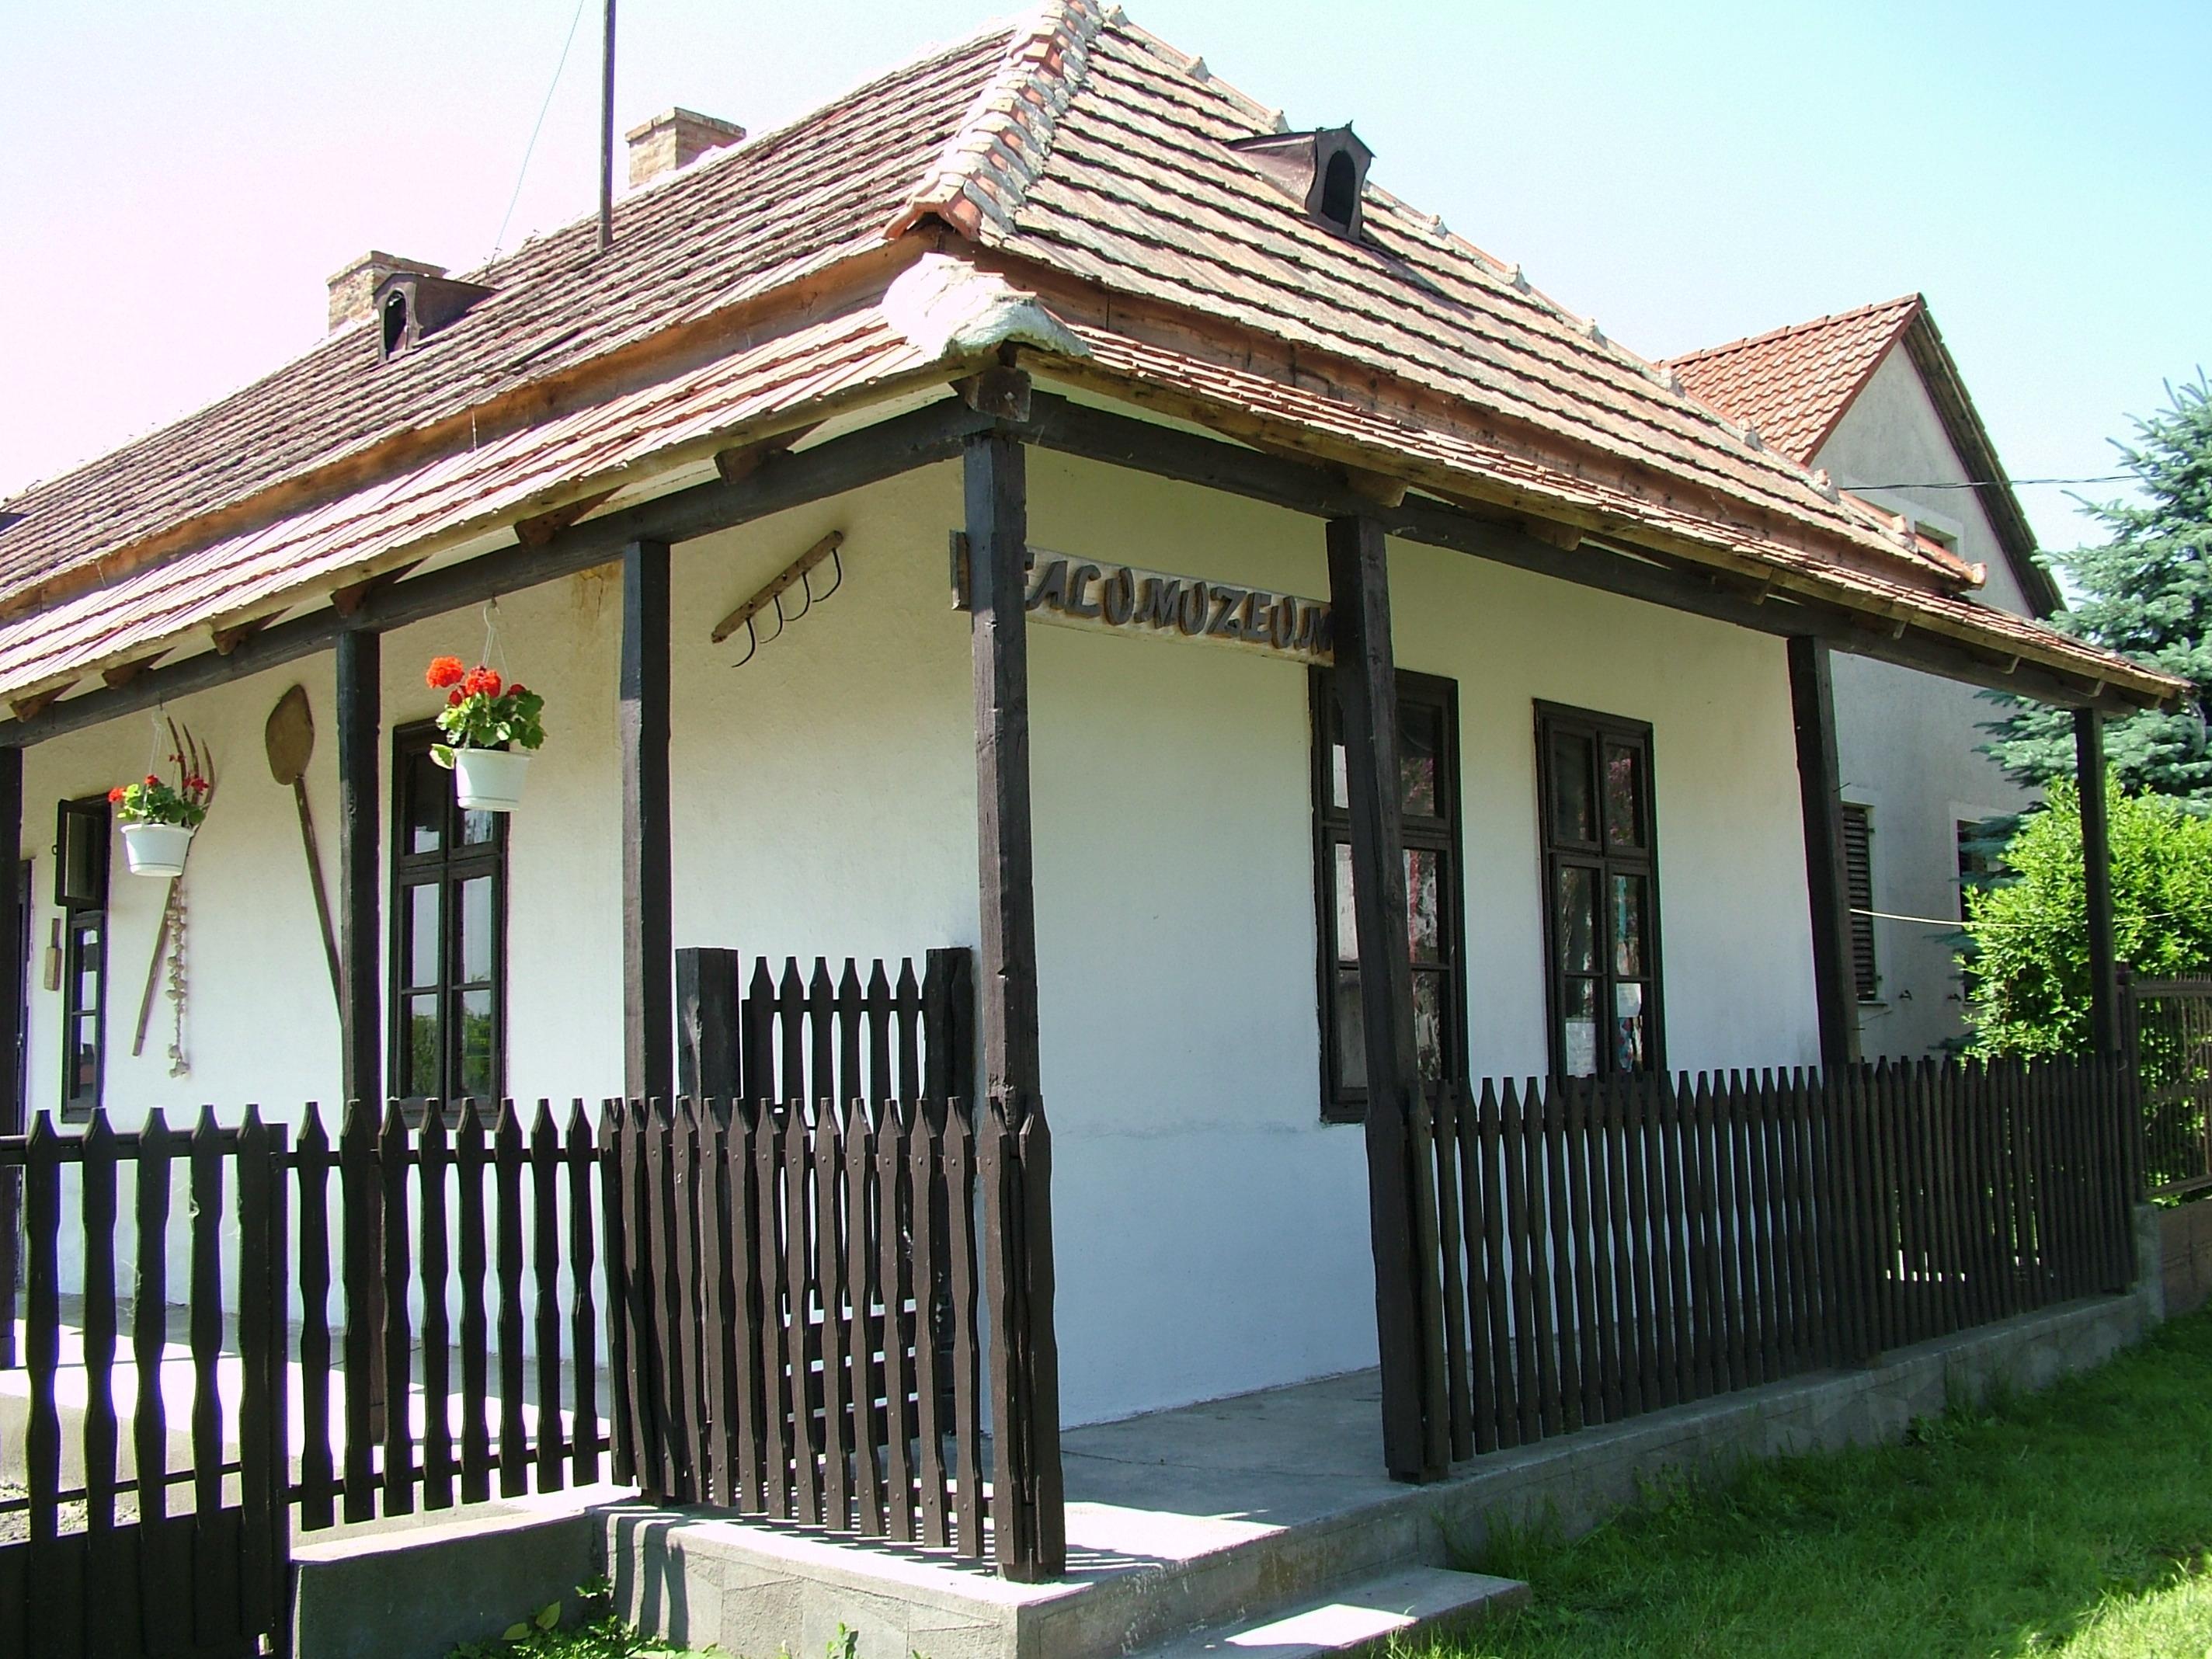 sarud_falumuzeum.jpg